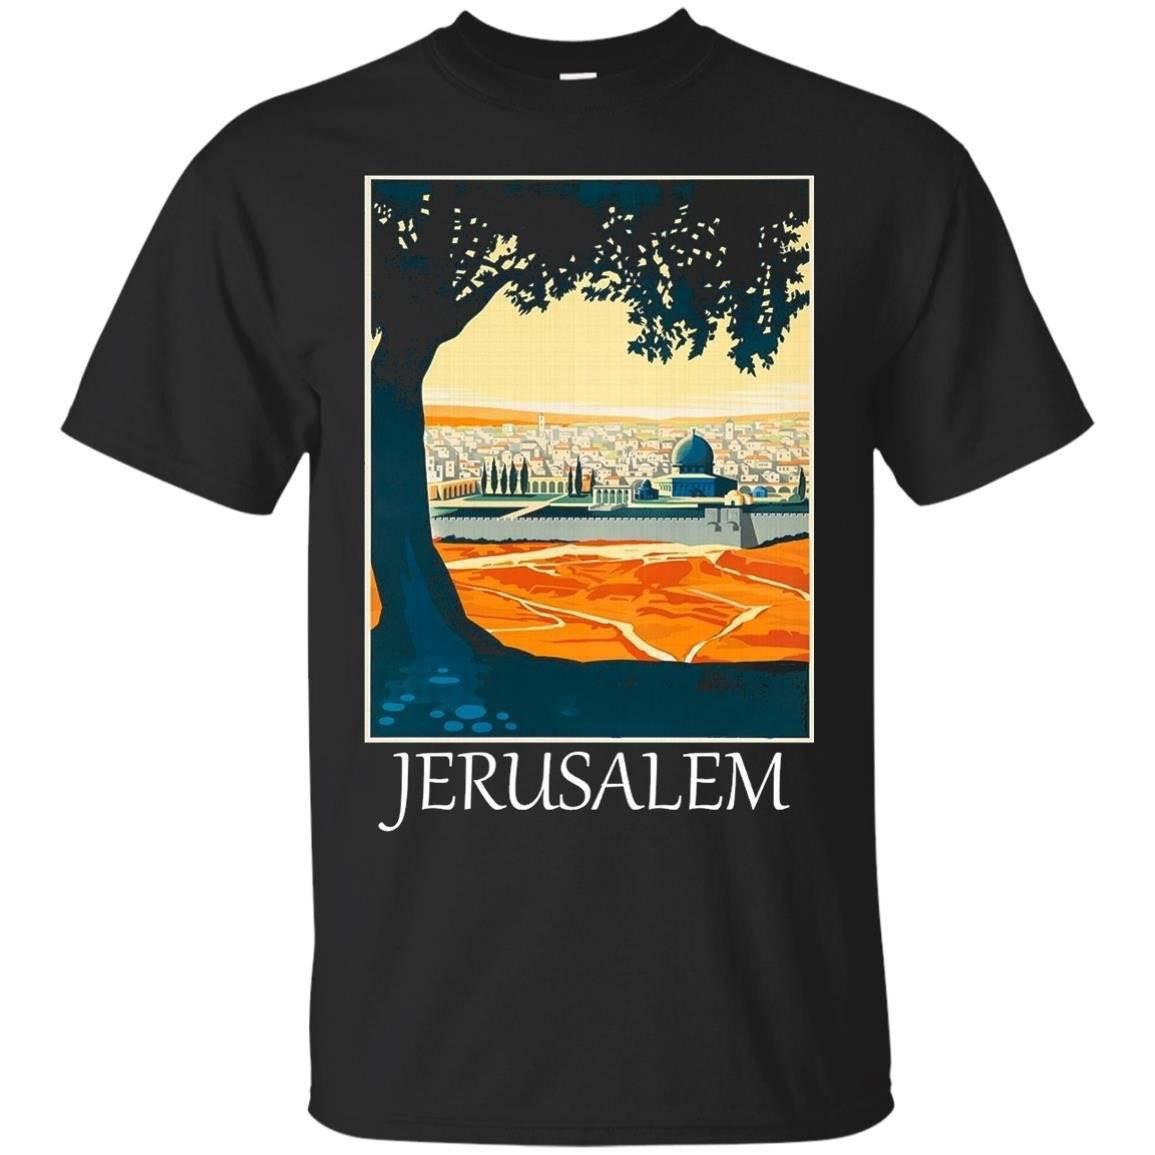 Jerusalem Israel T shirt Tshirt tee – T-Shirt